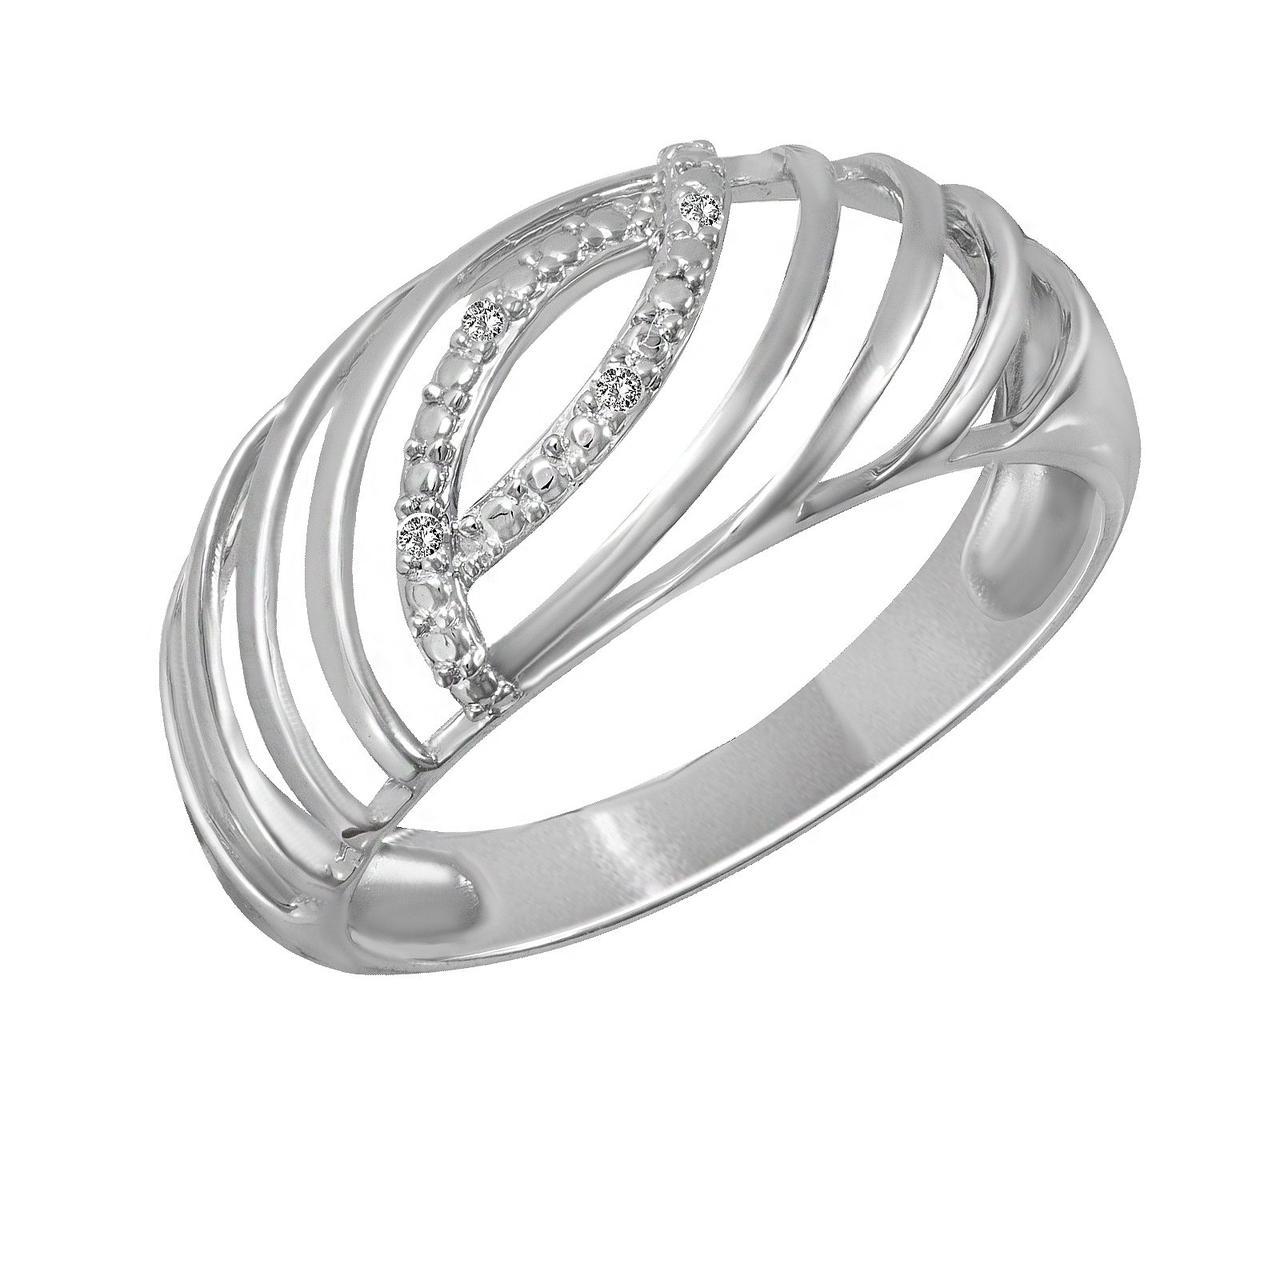 Золотое кольцо с бриллиантами, размер 16 (1633220)